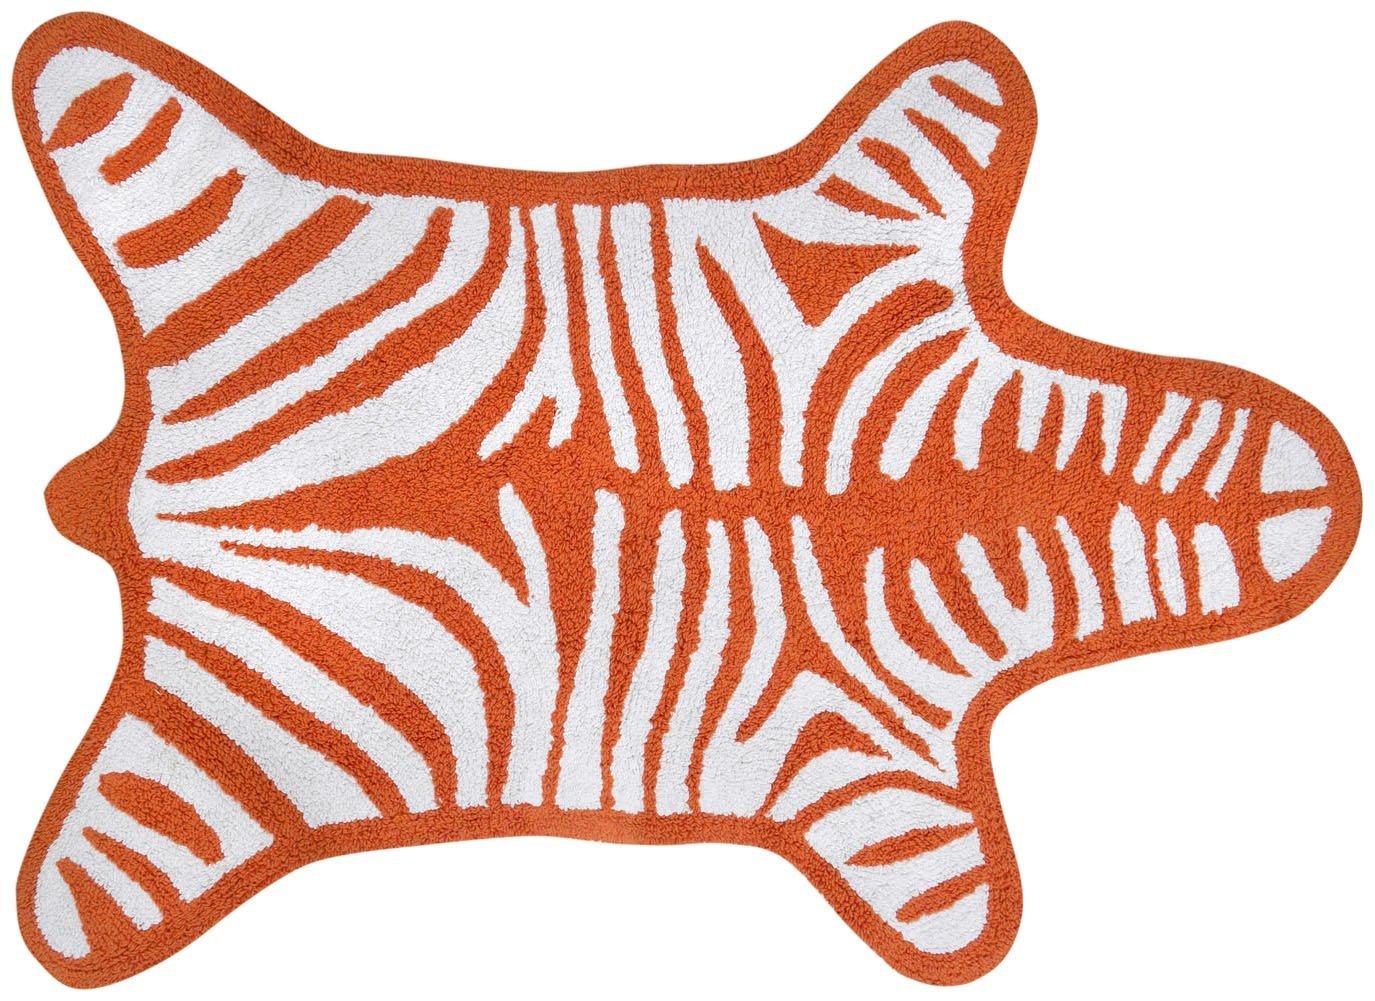 Jonathan Adler Zebra Reversible Bath Mat - Orange